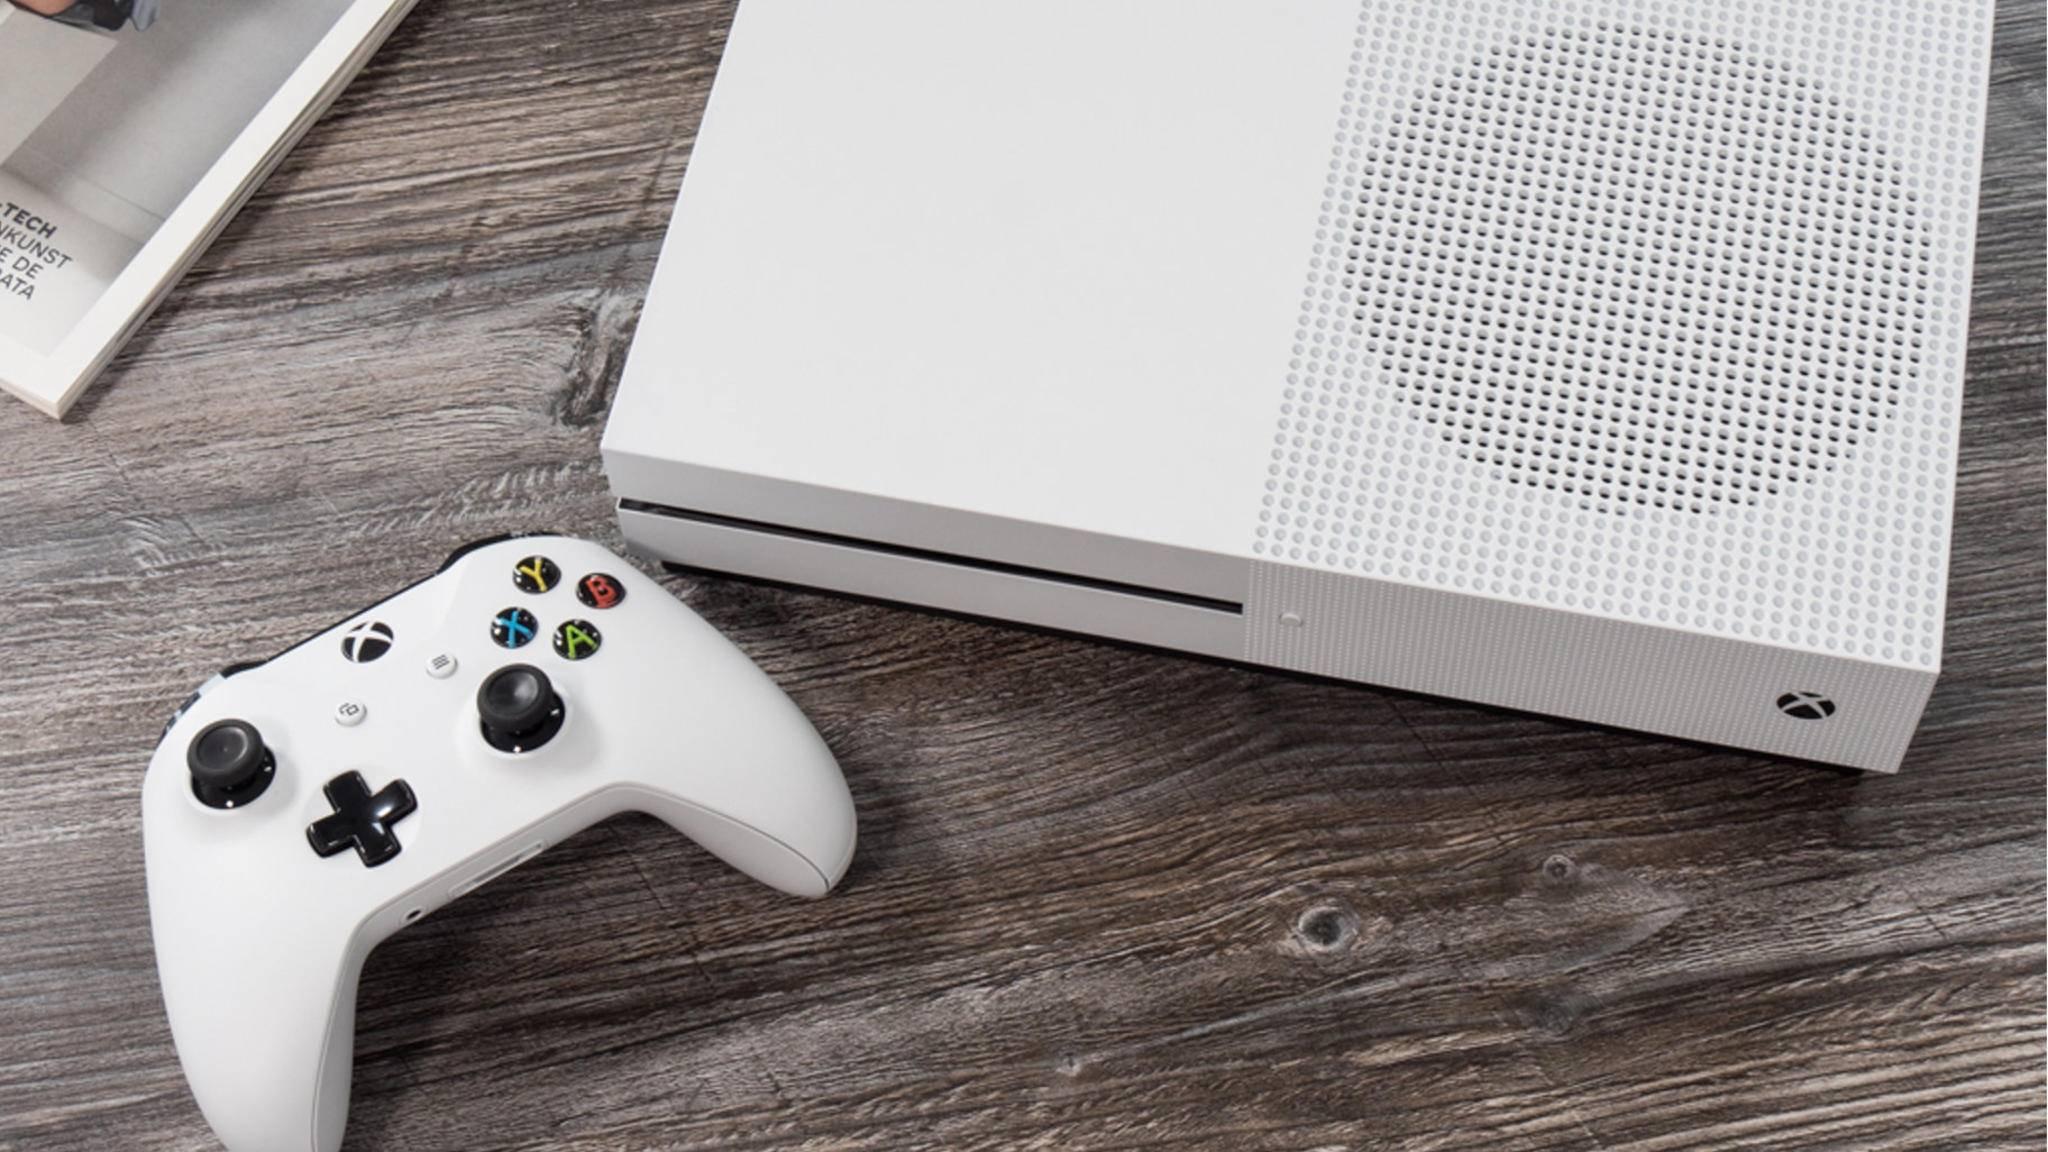 Neben Dolby Atmos könnte die Xbox One demnächst Wireless-Audio unterstützen.